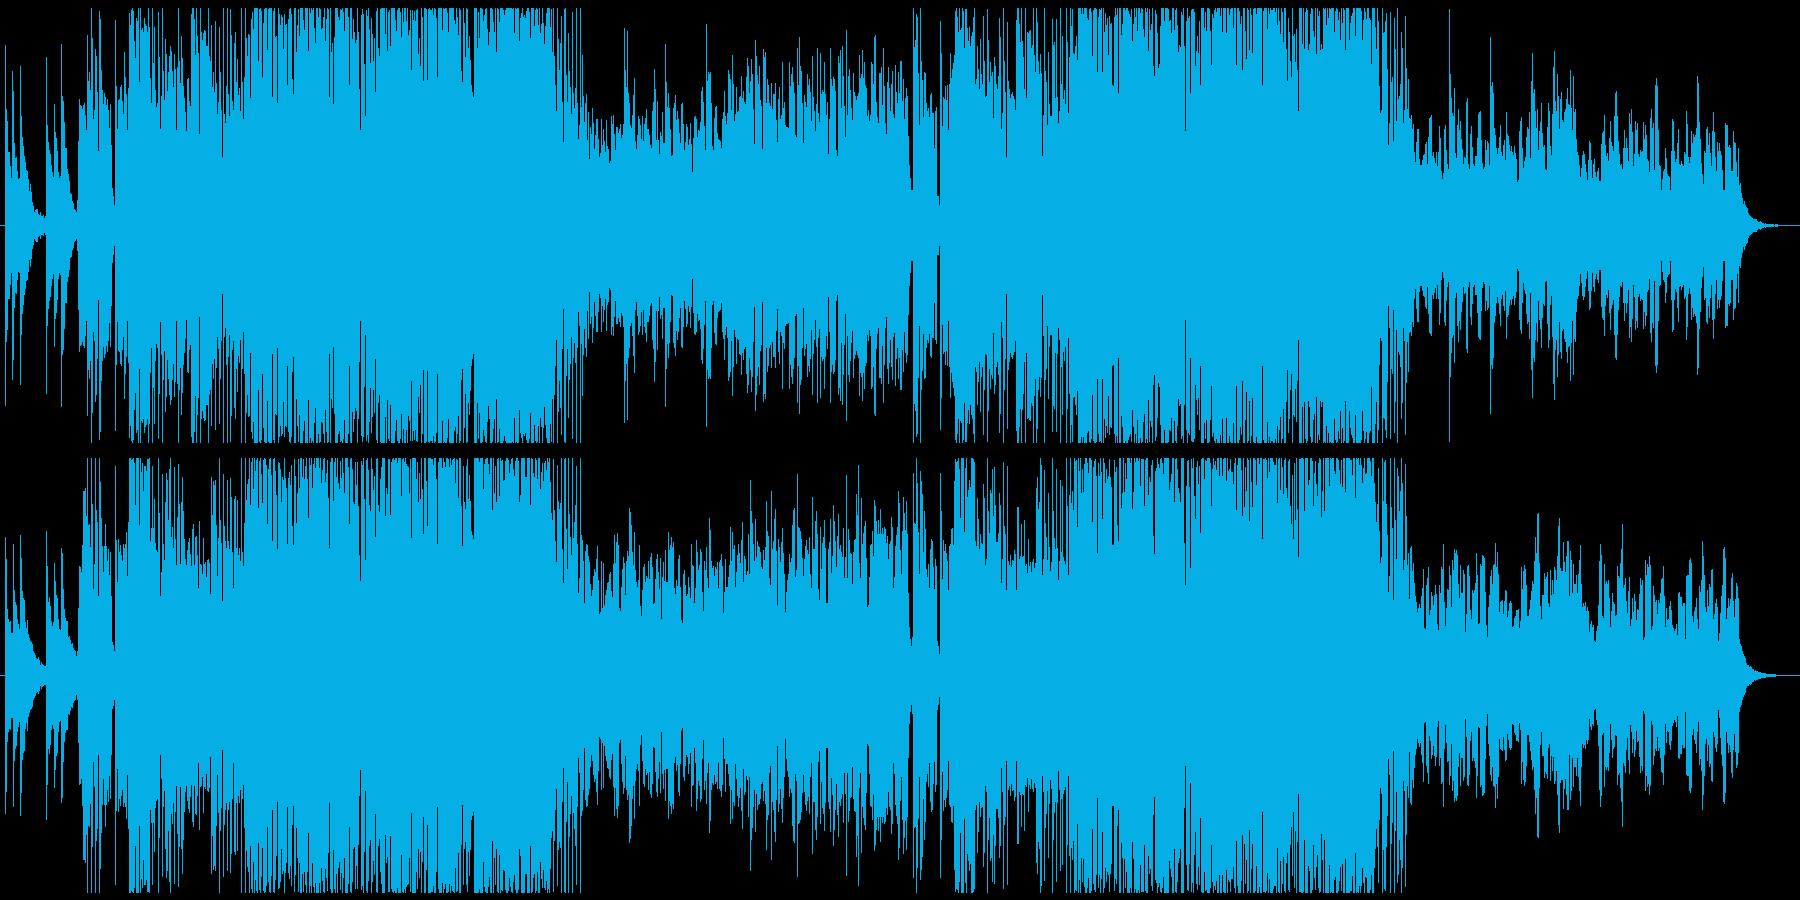 スタイリッシュでクールな曲の再生済みの波形